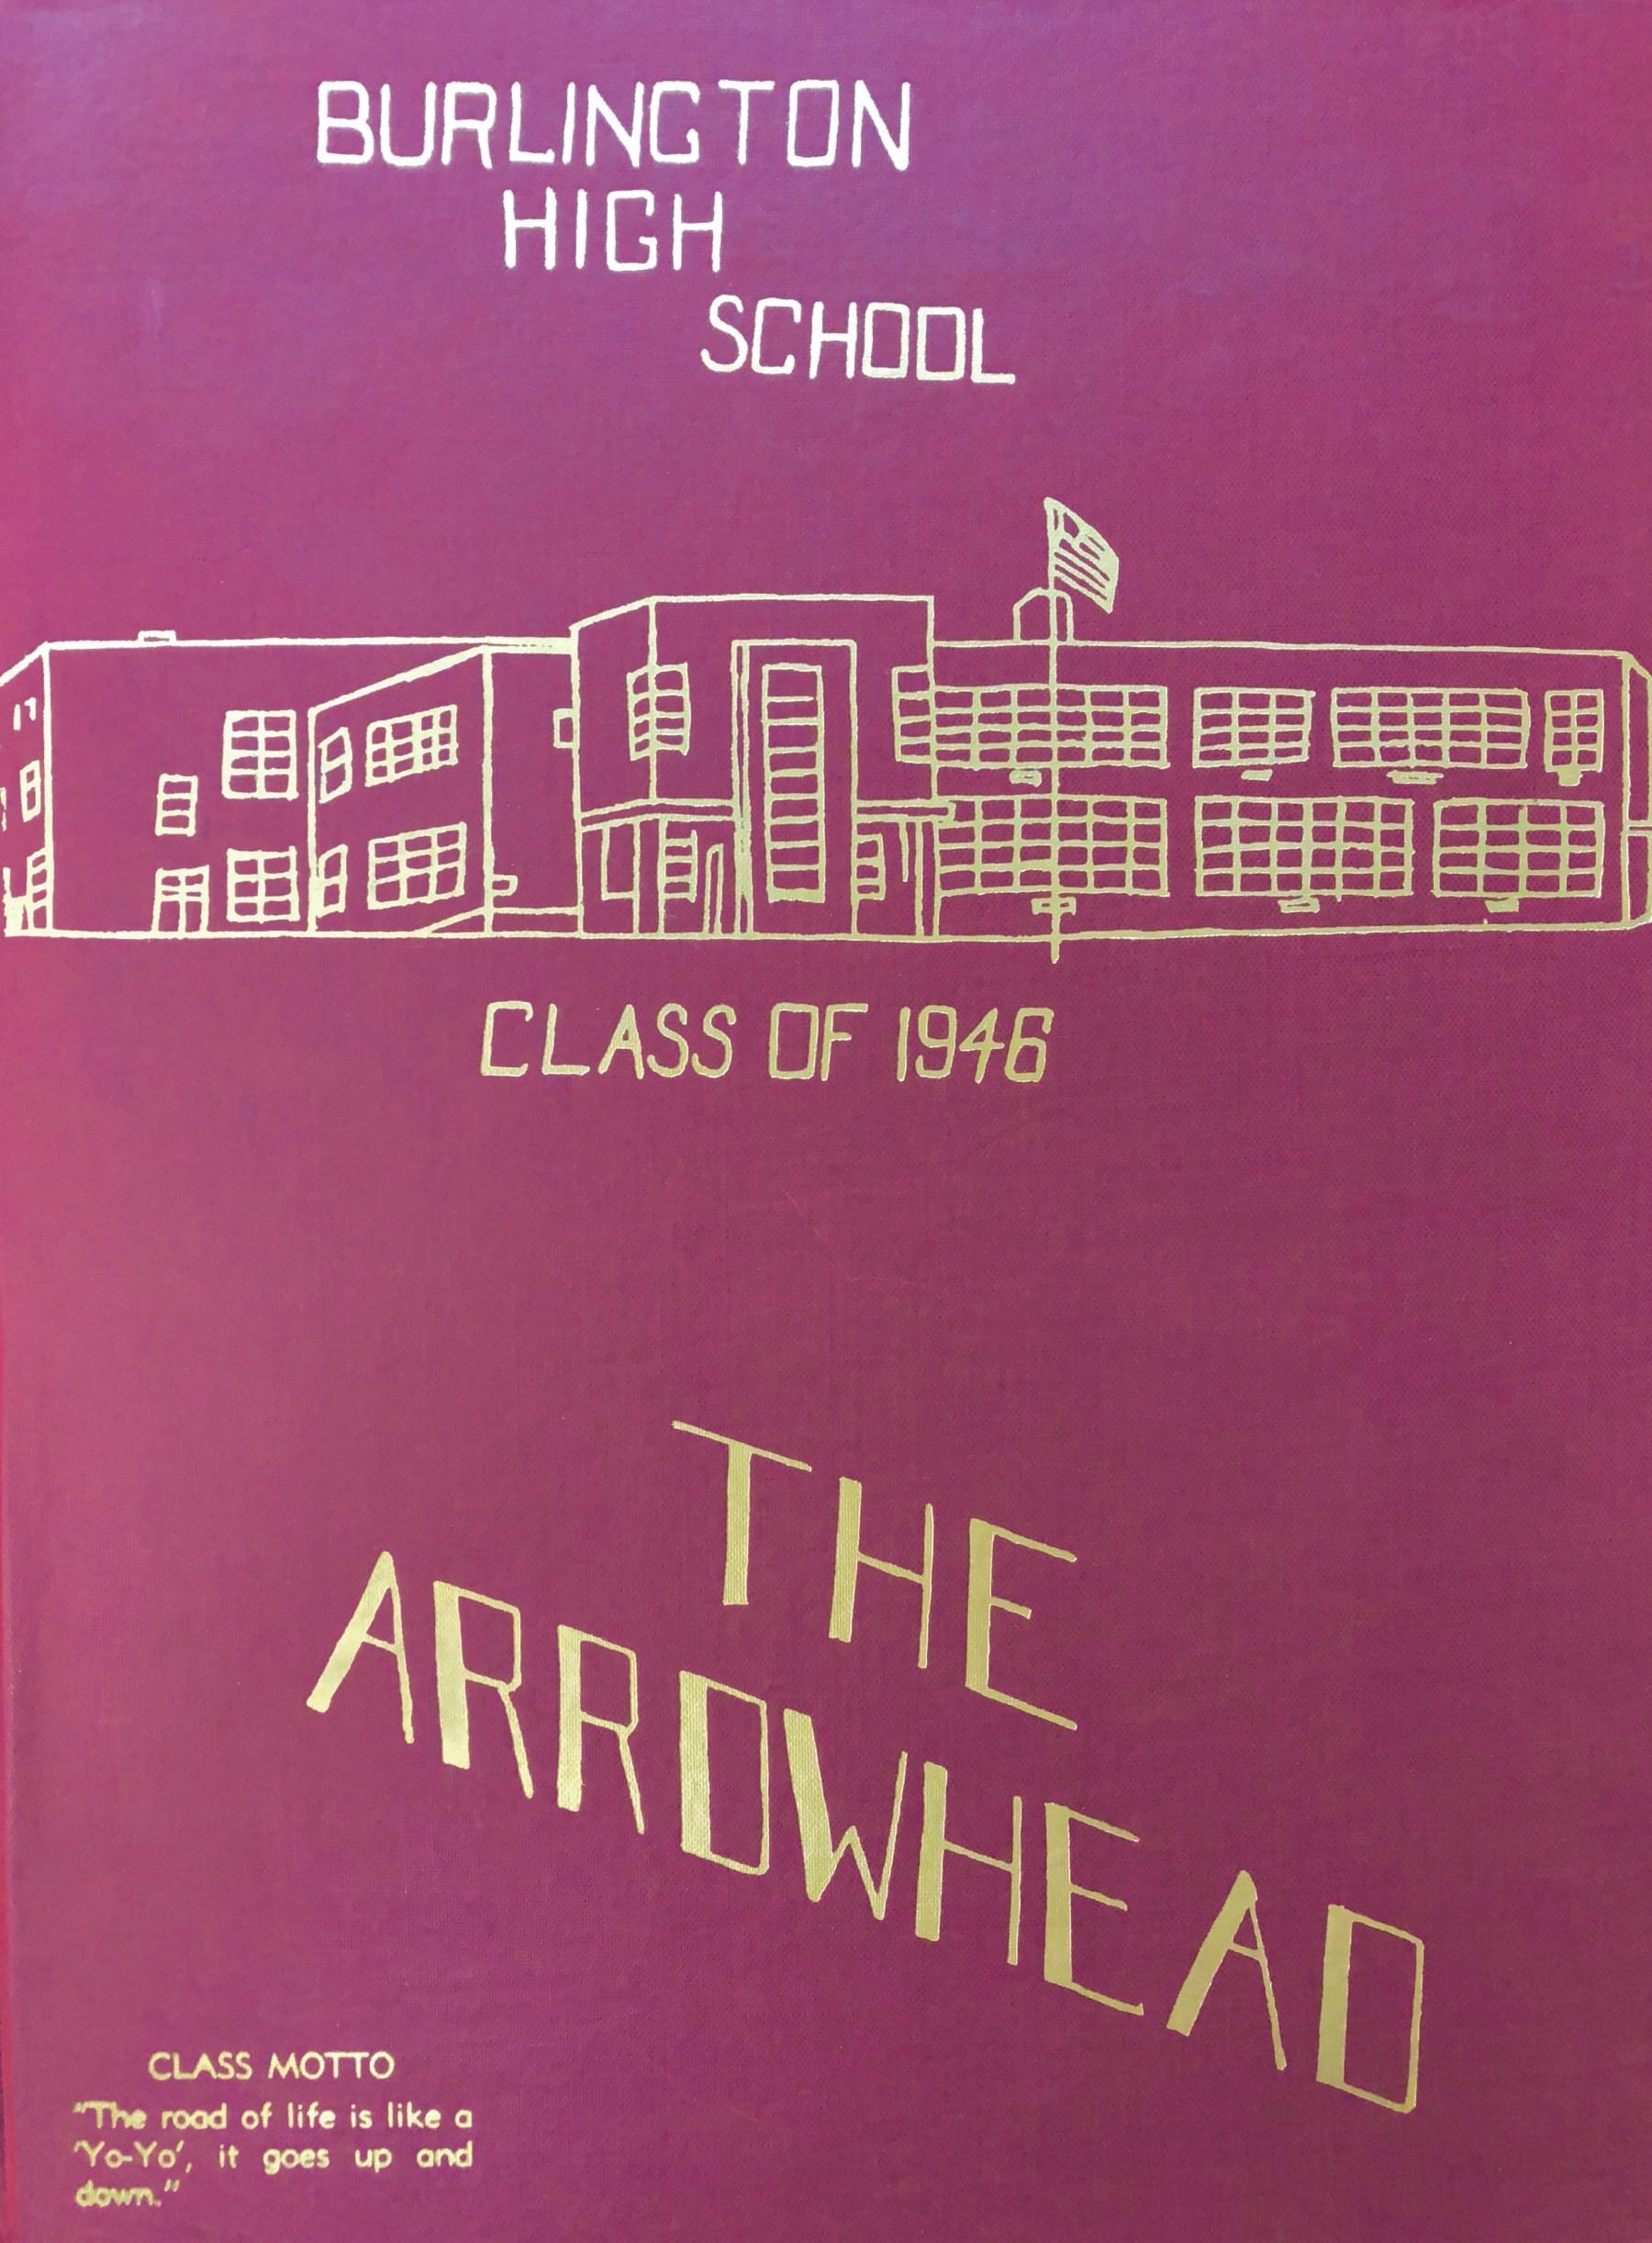 1946 Burlington High School yearbook cover